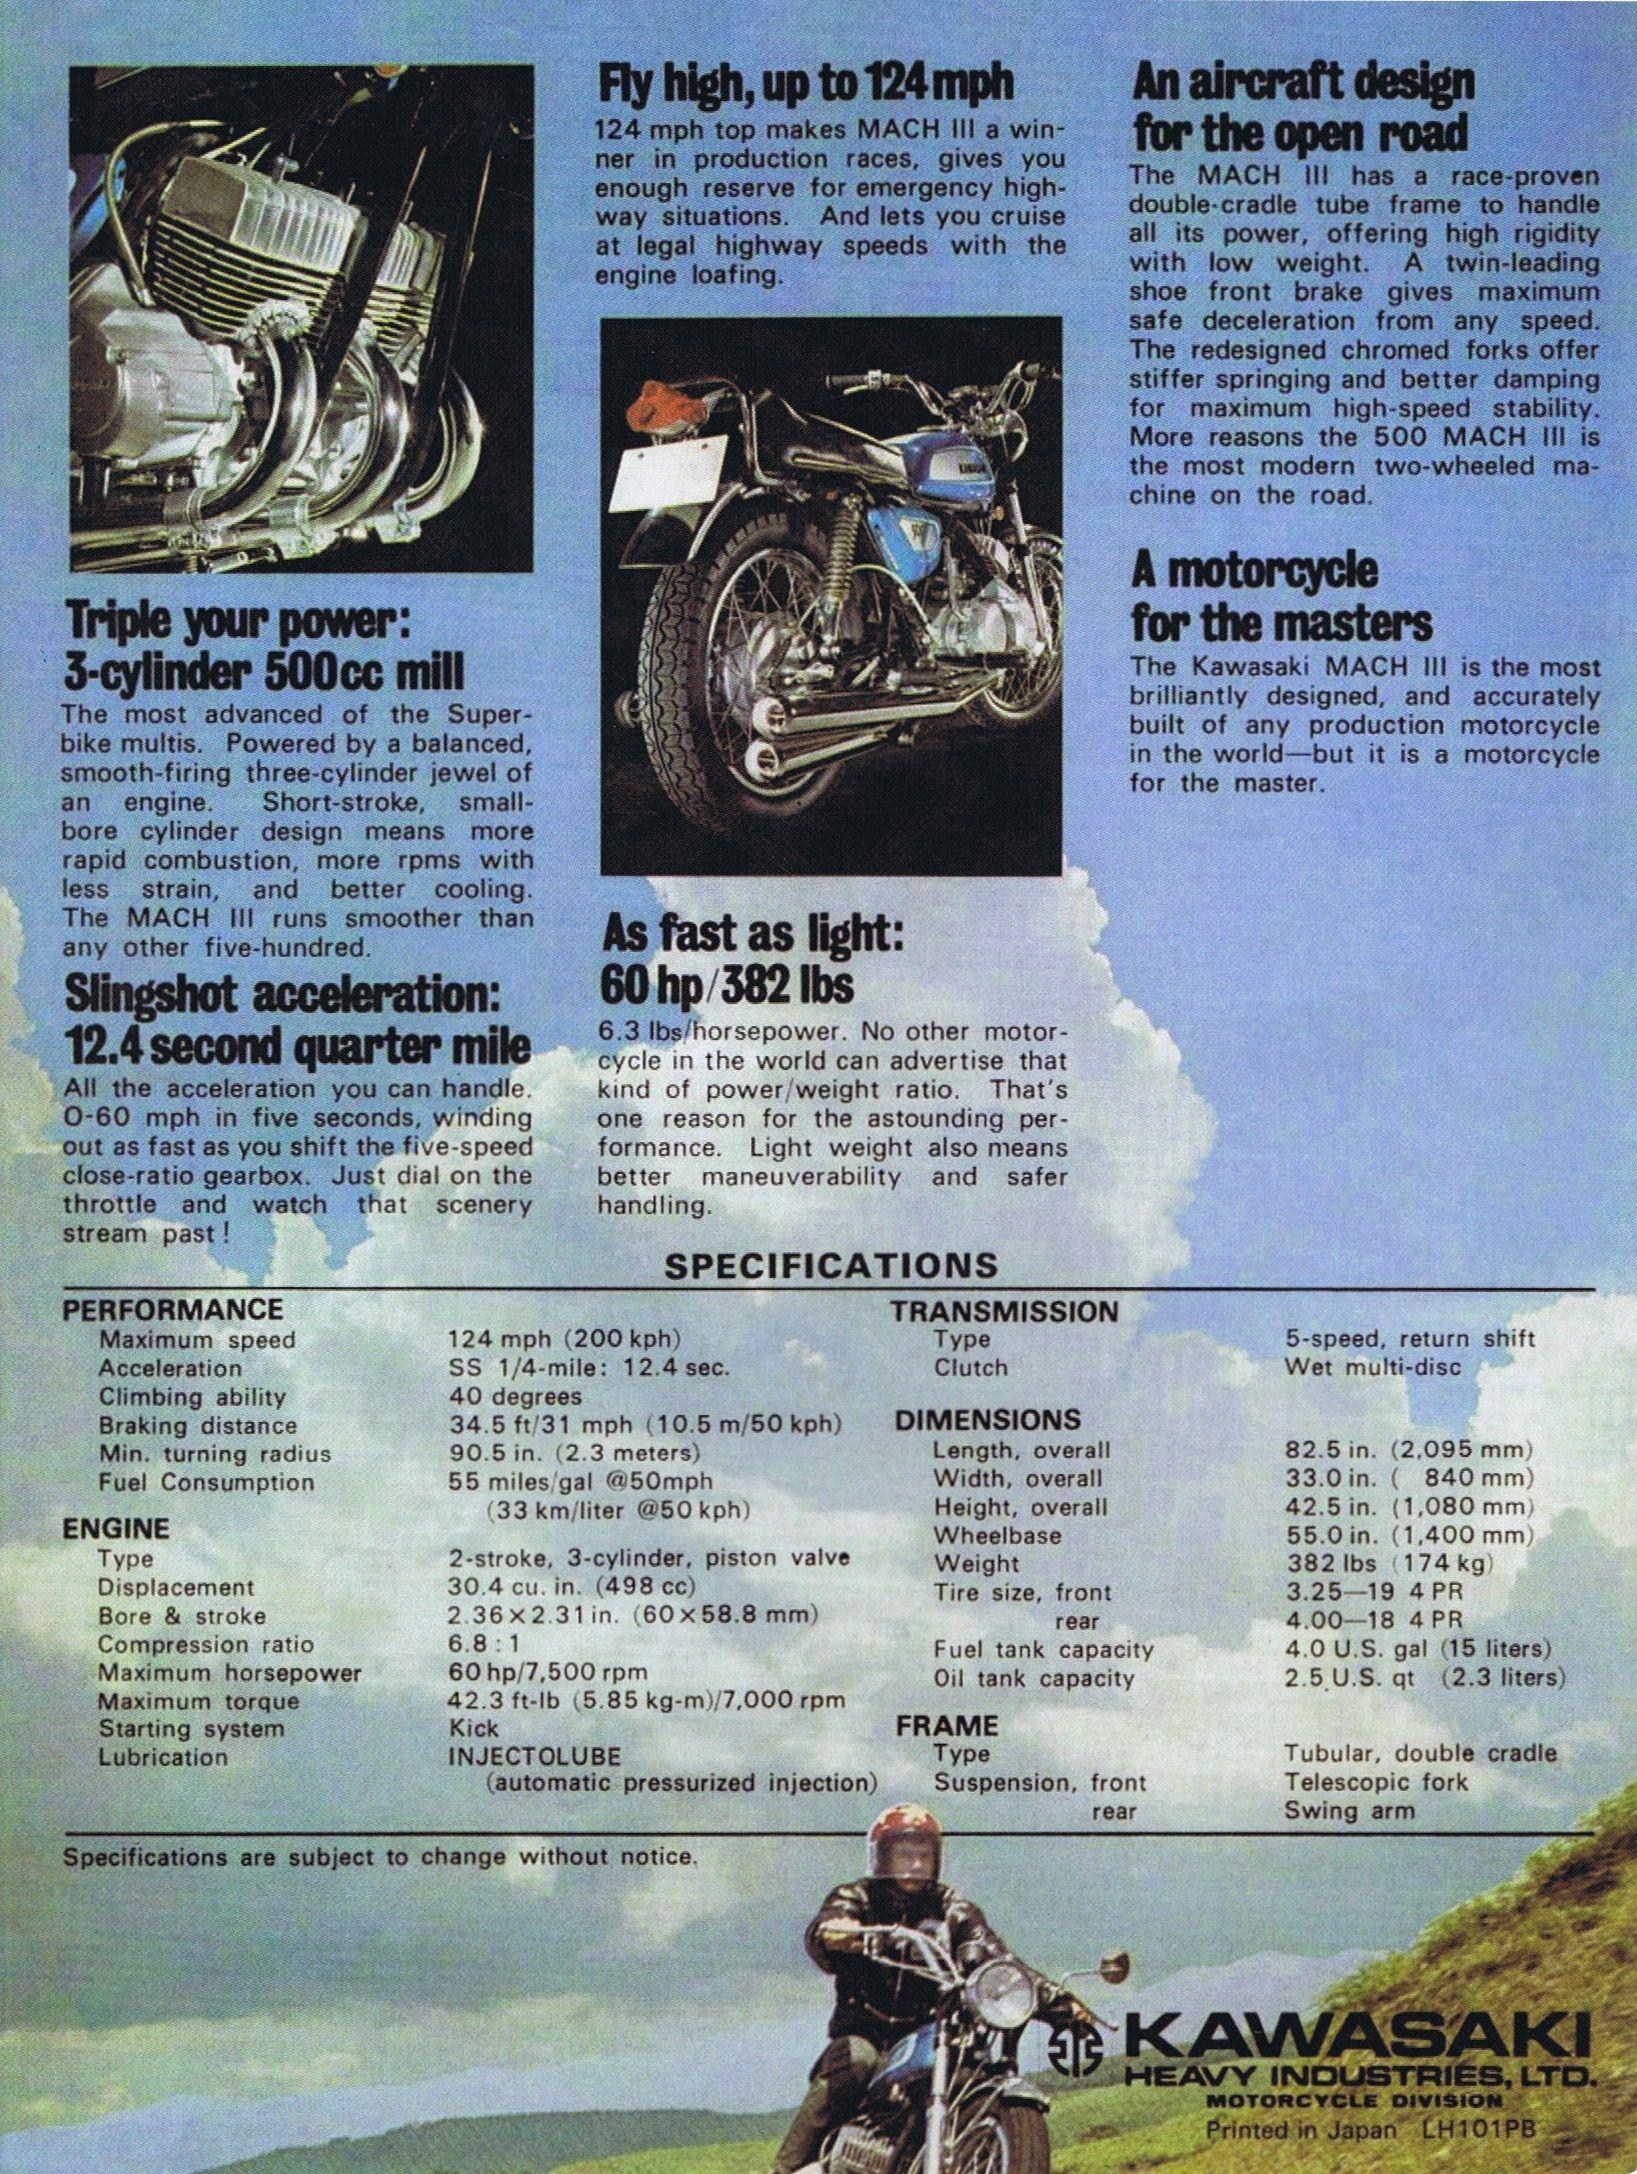 1971 Kawasaki 500 H1 MACH III 2 stroke brochure GB 04